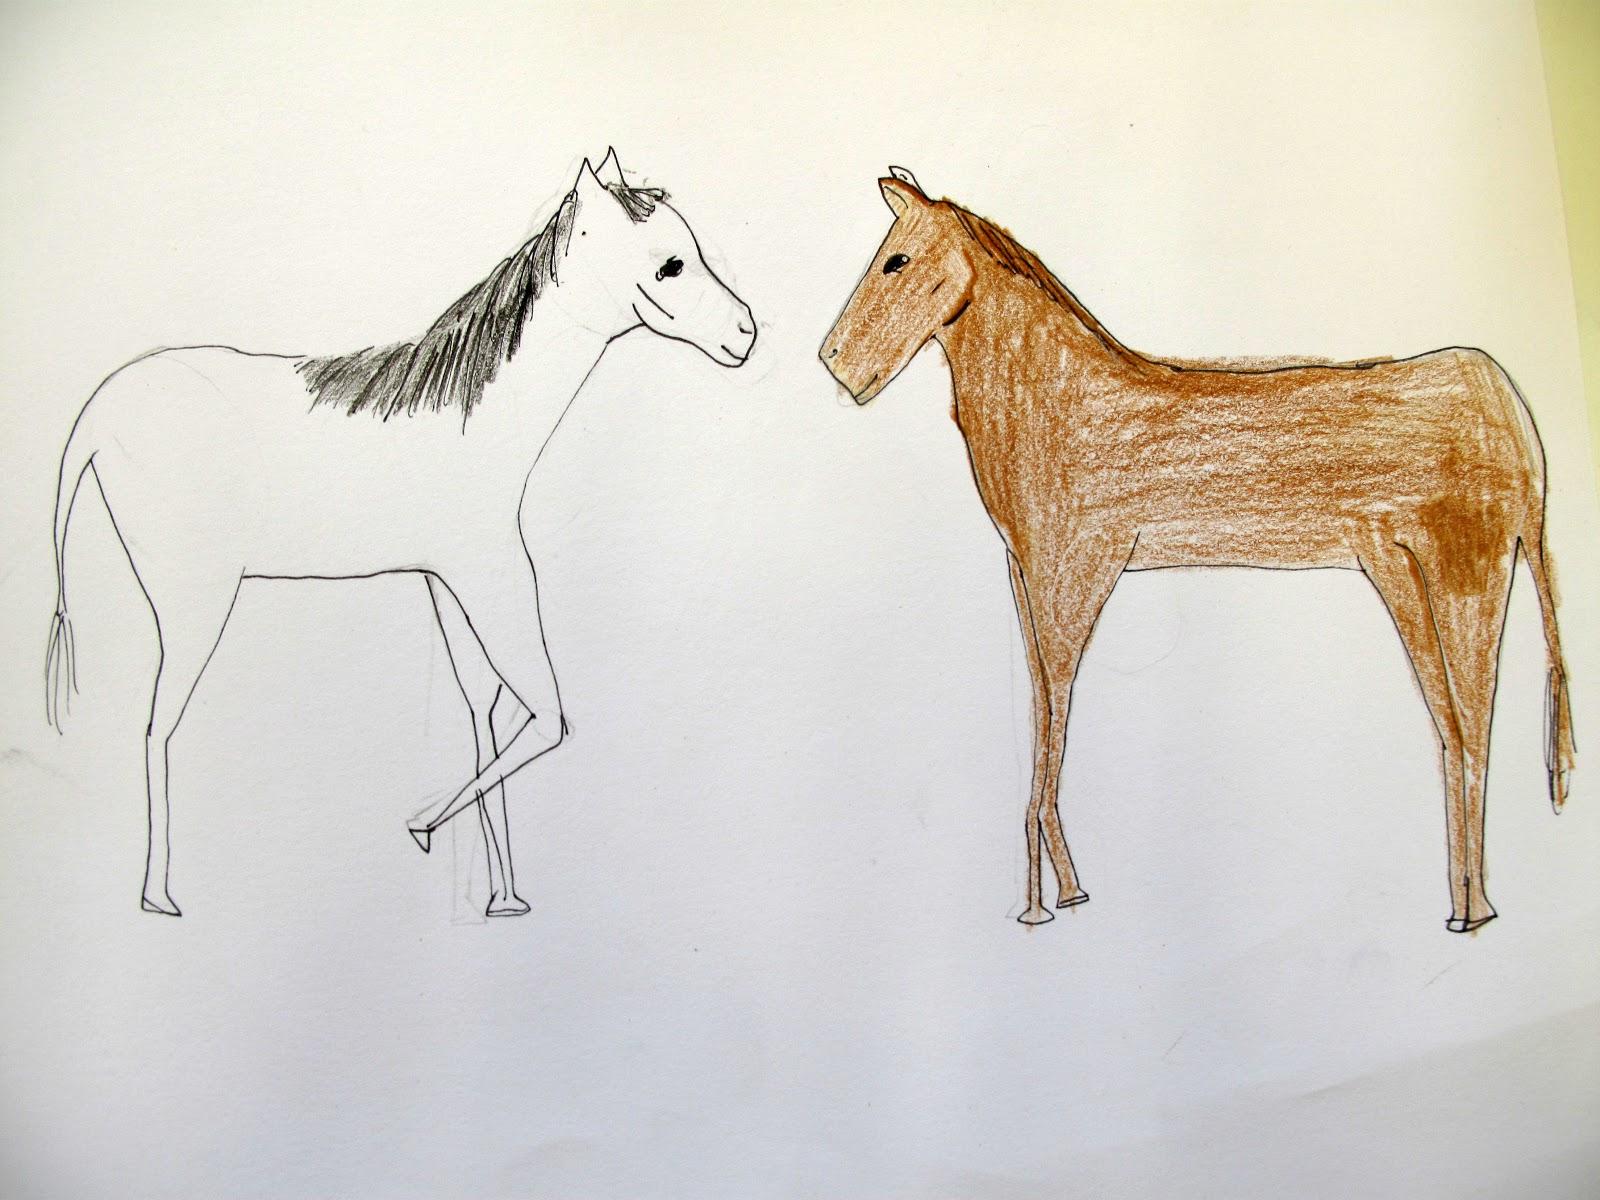 Beroemd de kinderacademie: paarden tekenen in de donderdagles @HH83